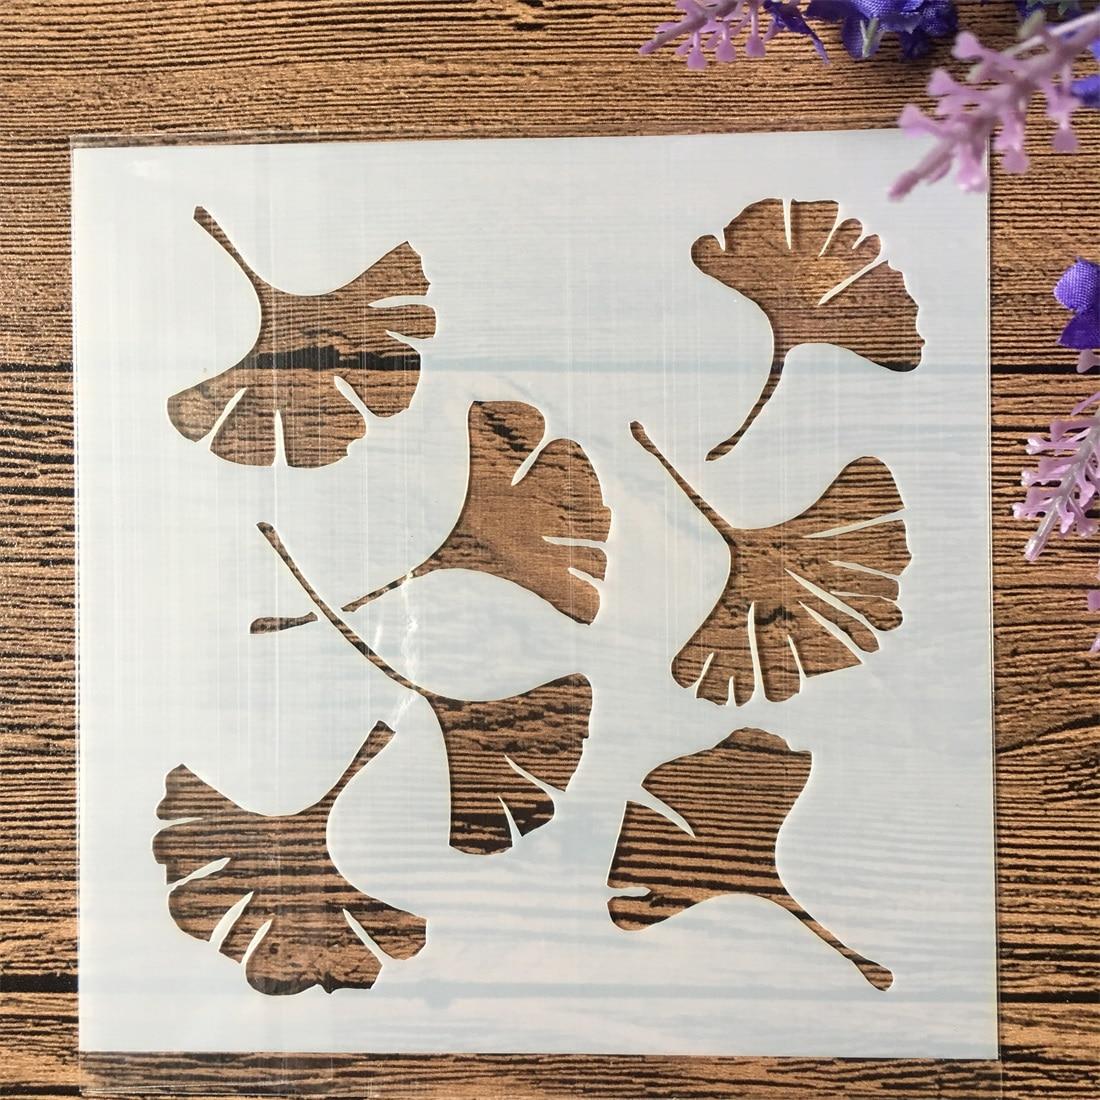 Купить с кэшбэком 1Pcs 13cm Nine Grid Design DIY Layering Stencils Wall Painting Scrapbook Coloring Embossing Album Decorative Card Template